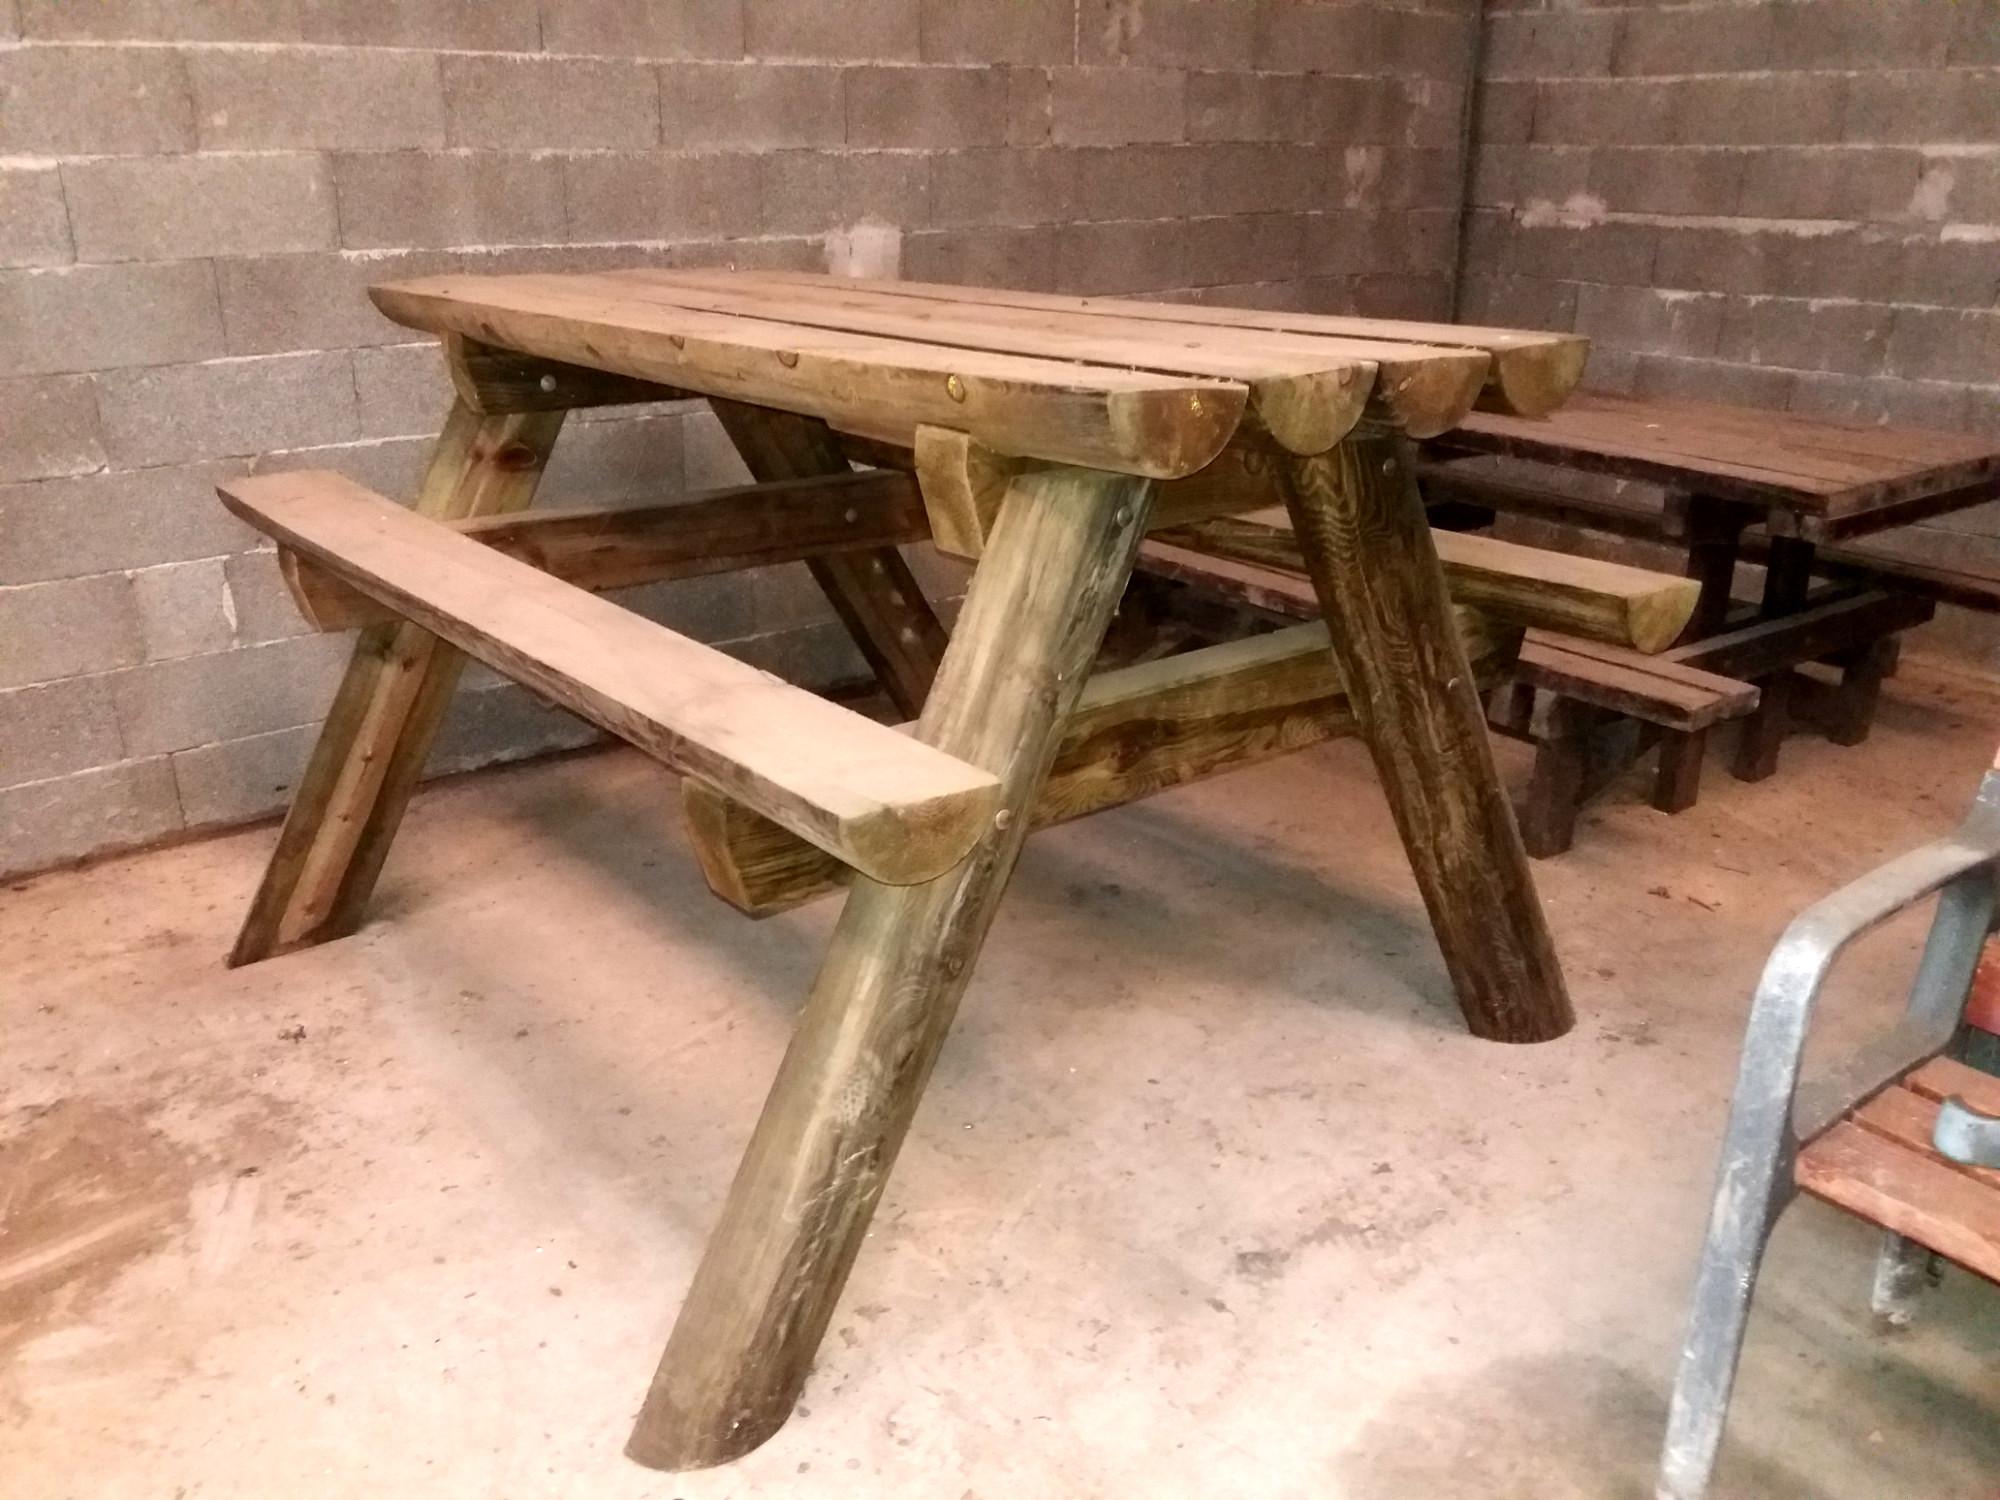 une table de pique nique en bois table d 39 occasion aux ench res agorastore. Black Bedroom Furniture Sets. Home Design Ideas